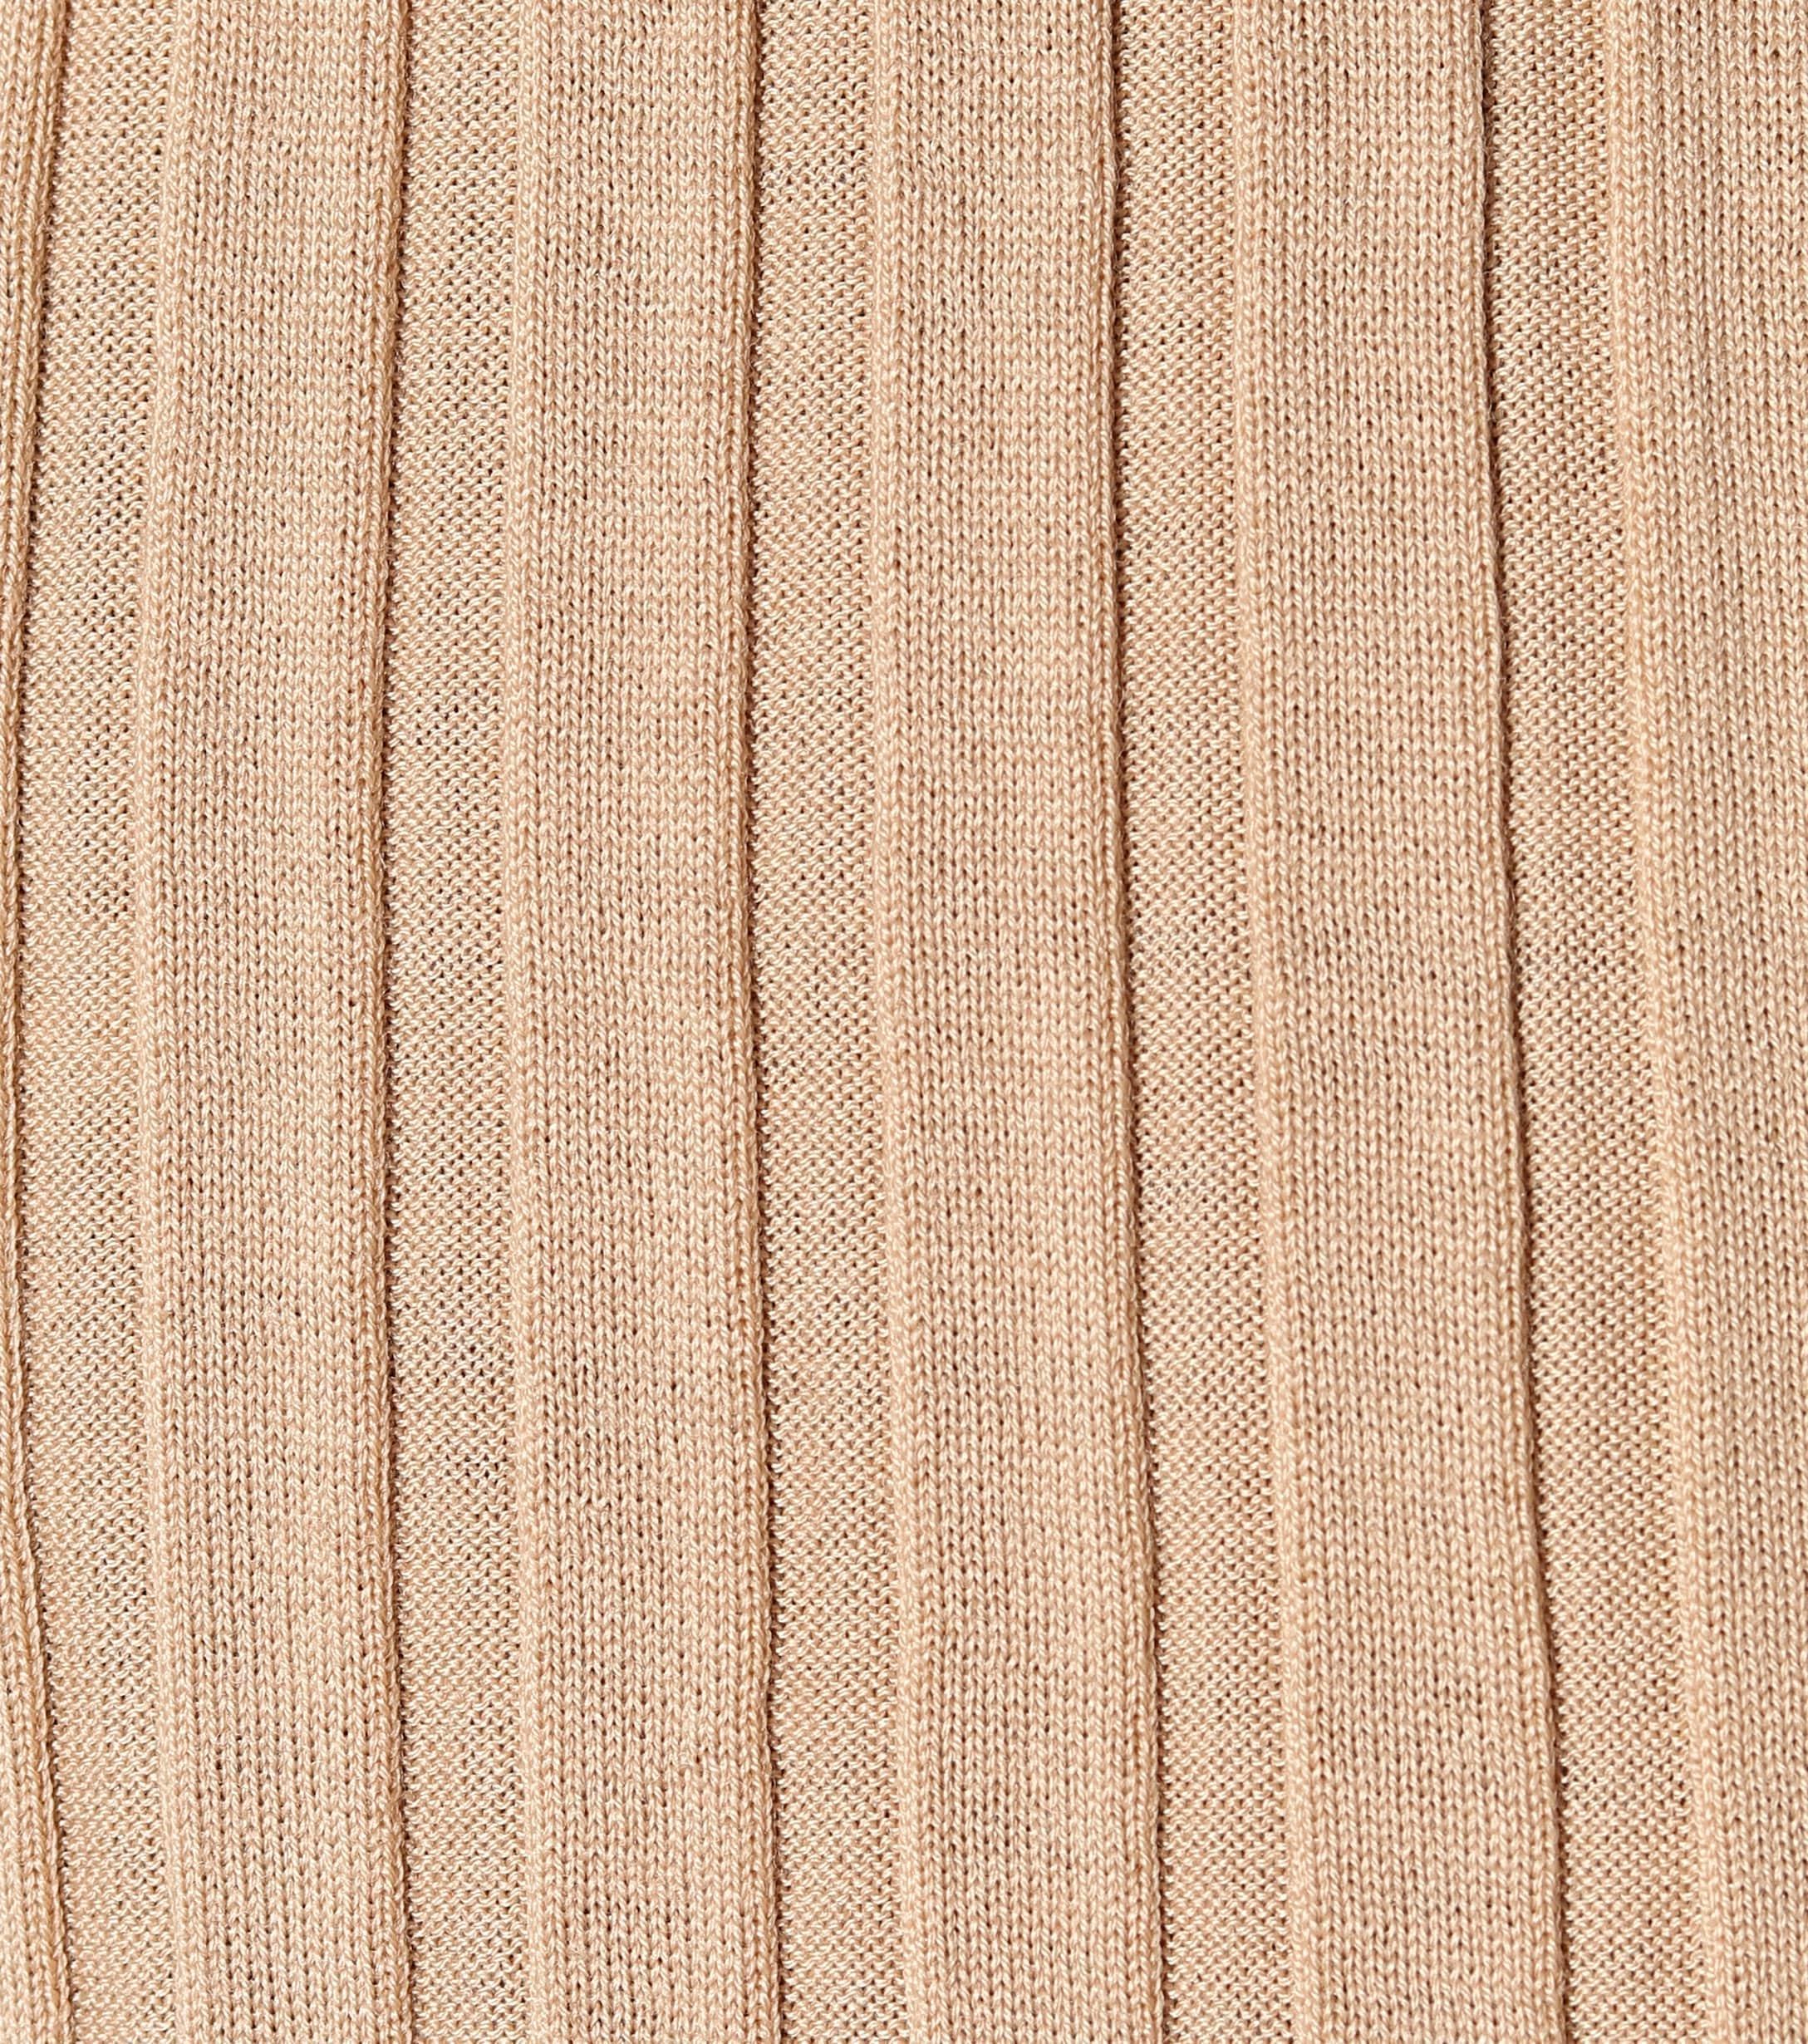 Camiseta sin mangas de lana Helmut Lang de Lana